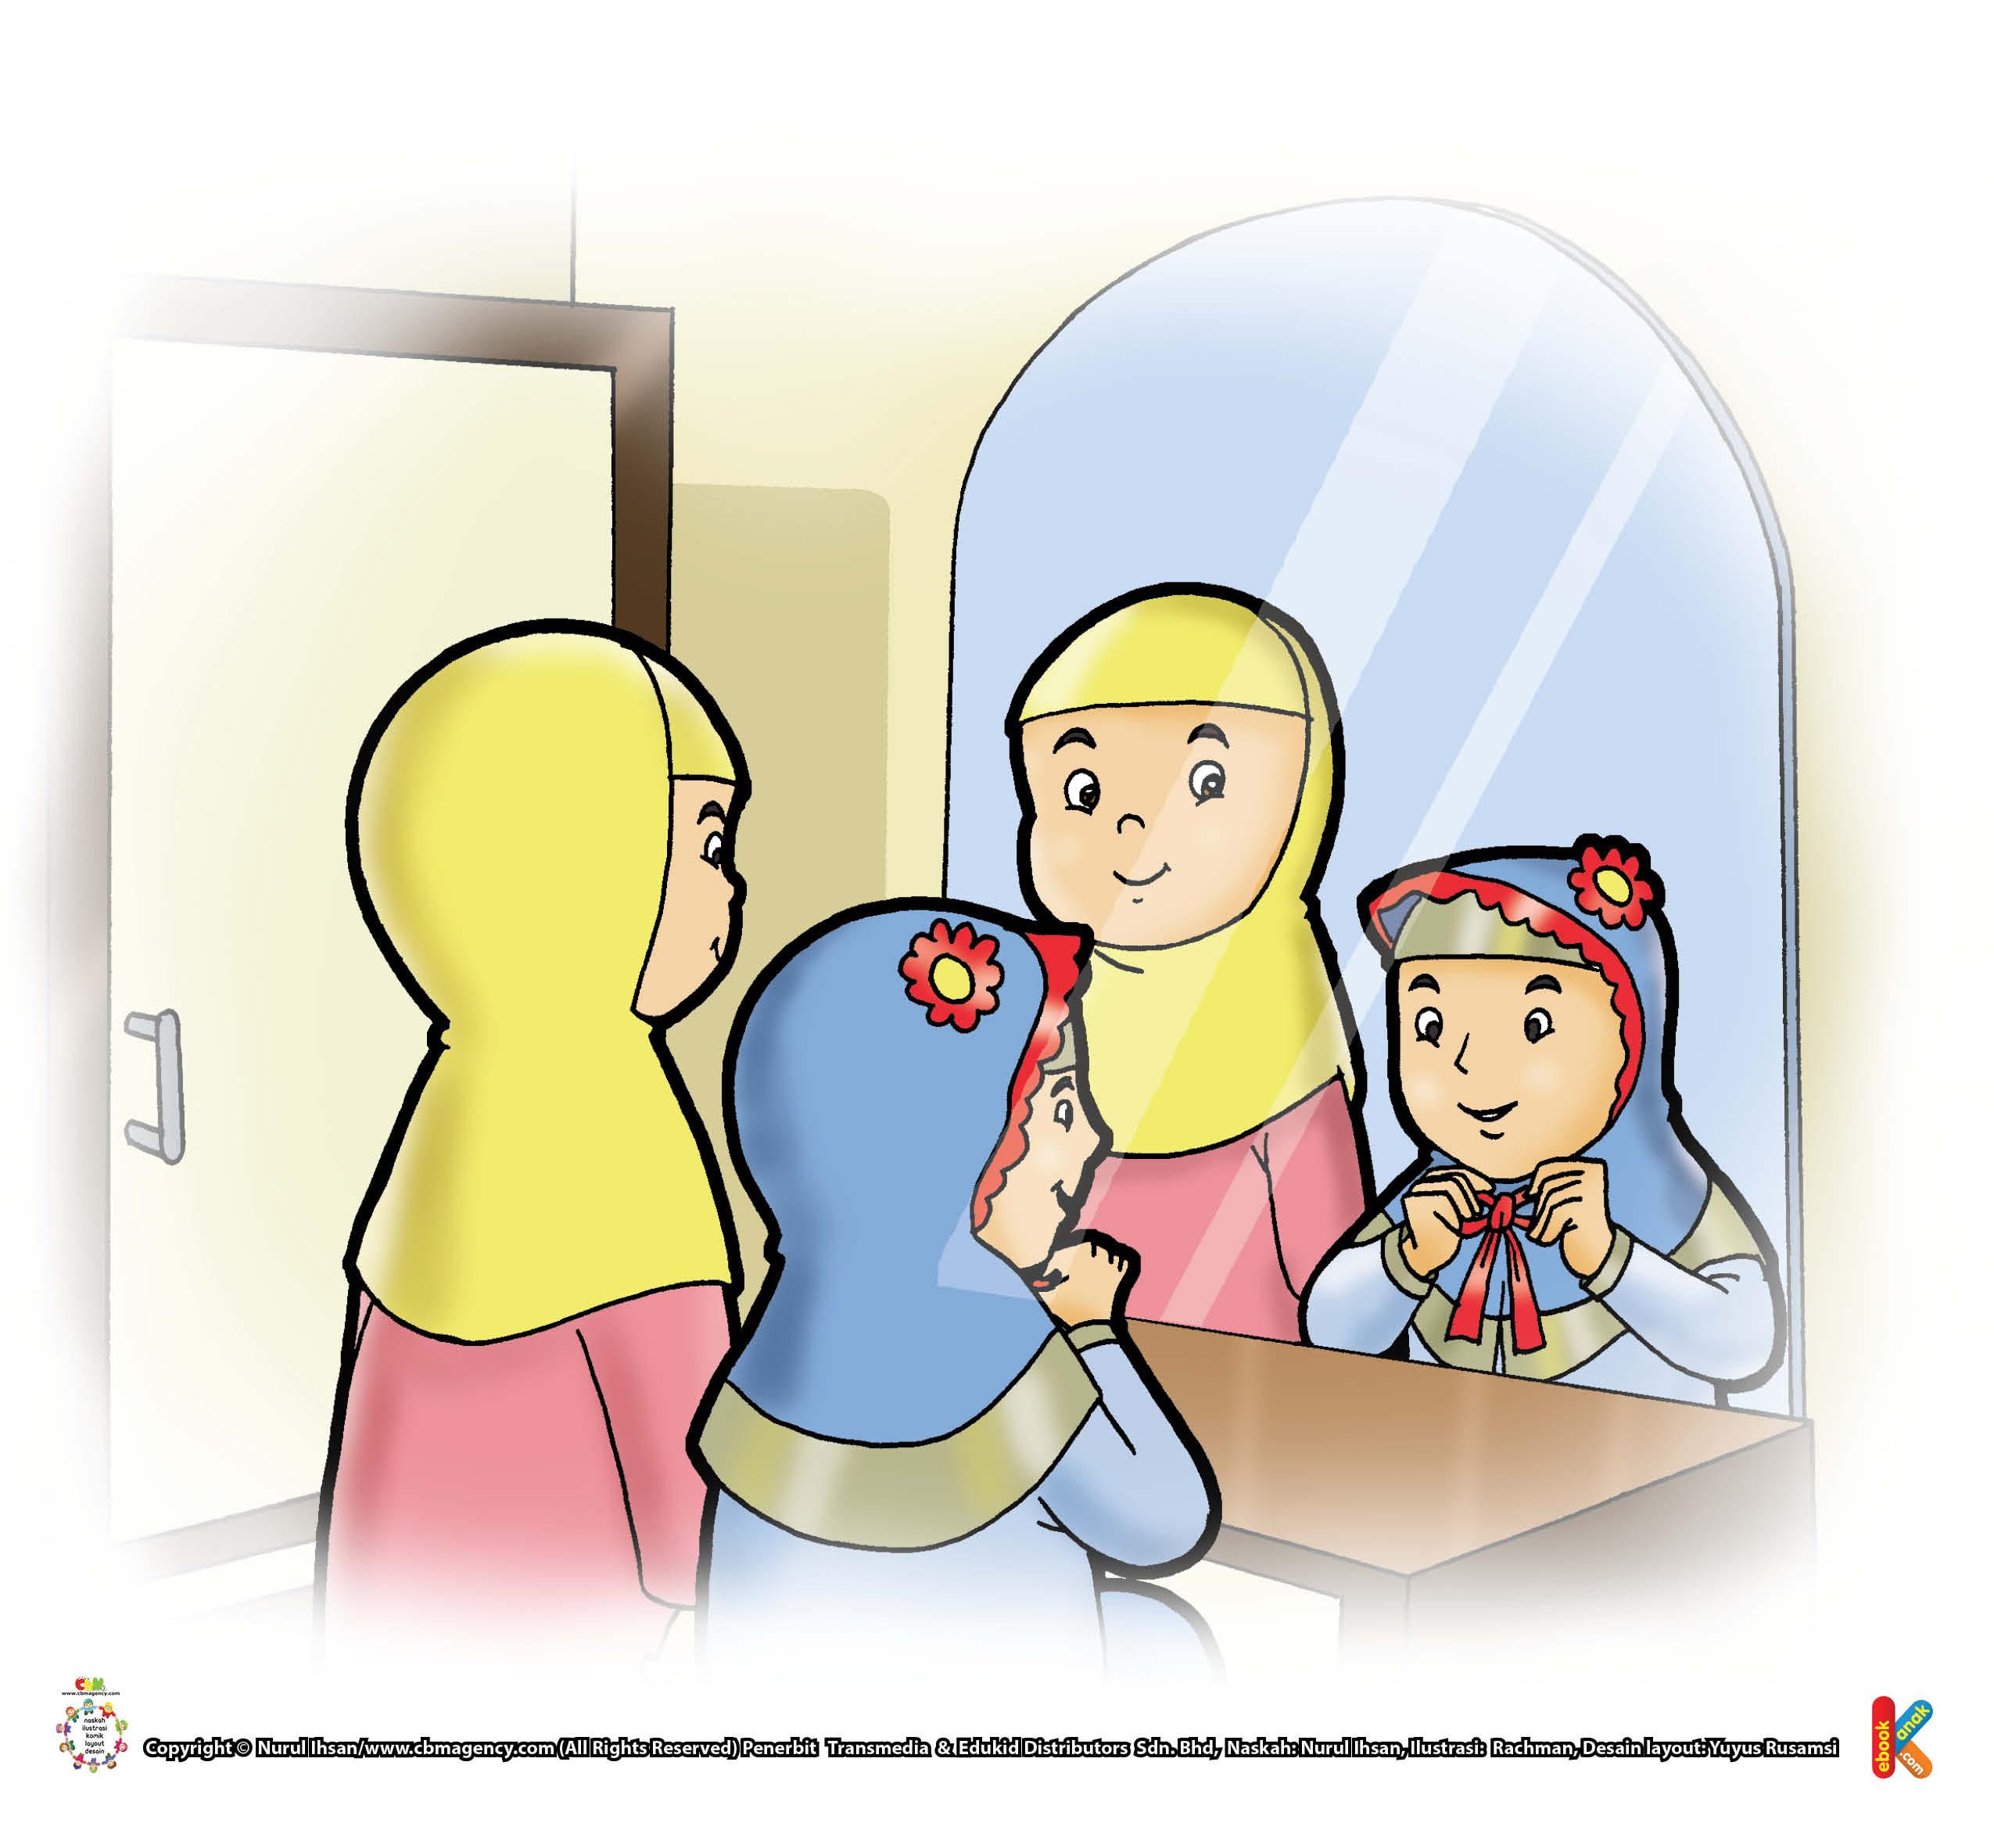 Allah akan memberi perhiasan perhiasan iman yang disukai pada orang yang suka berpakaian sederhana.